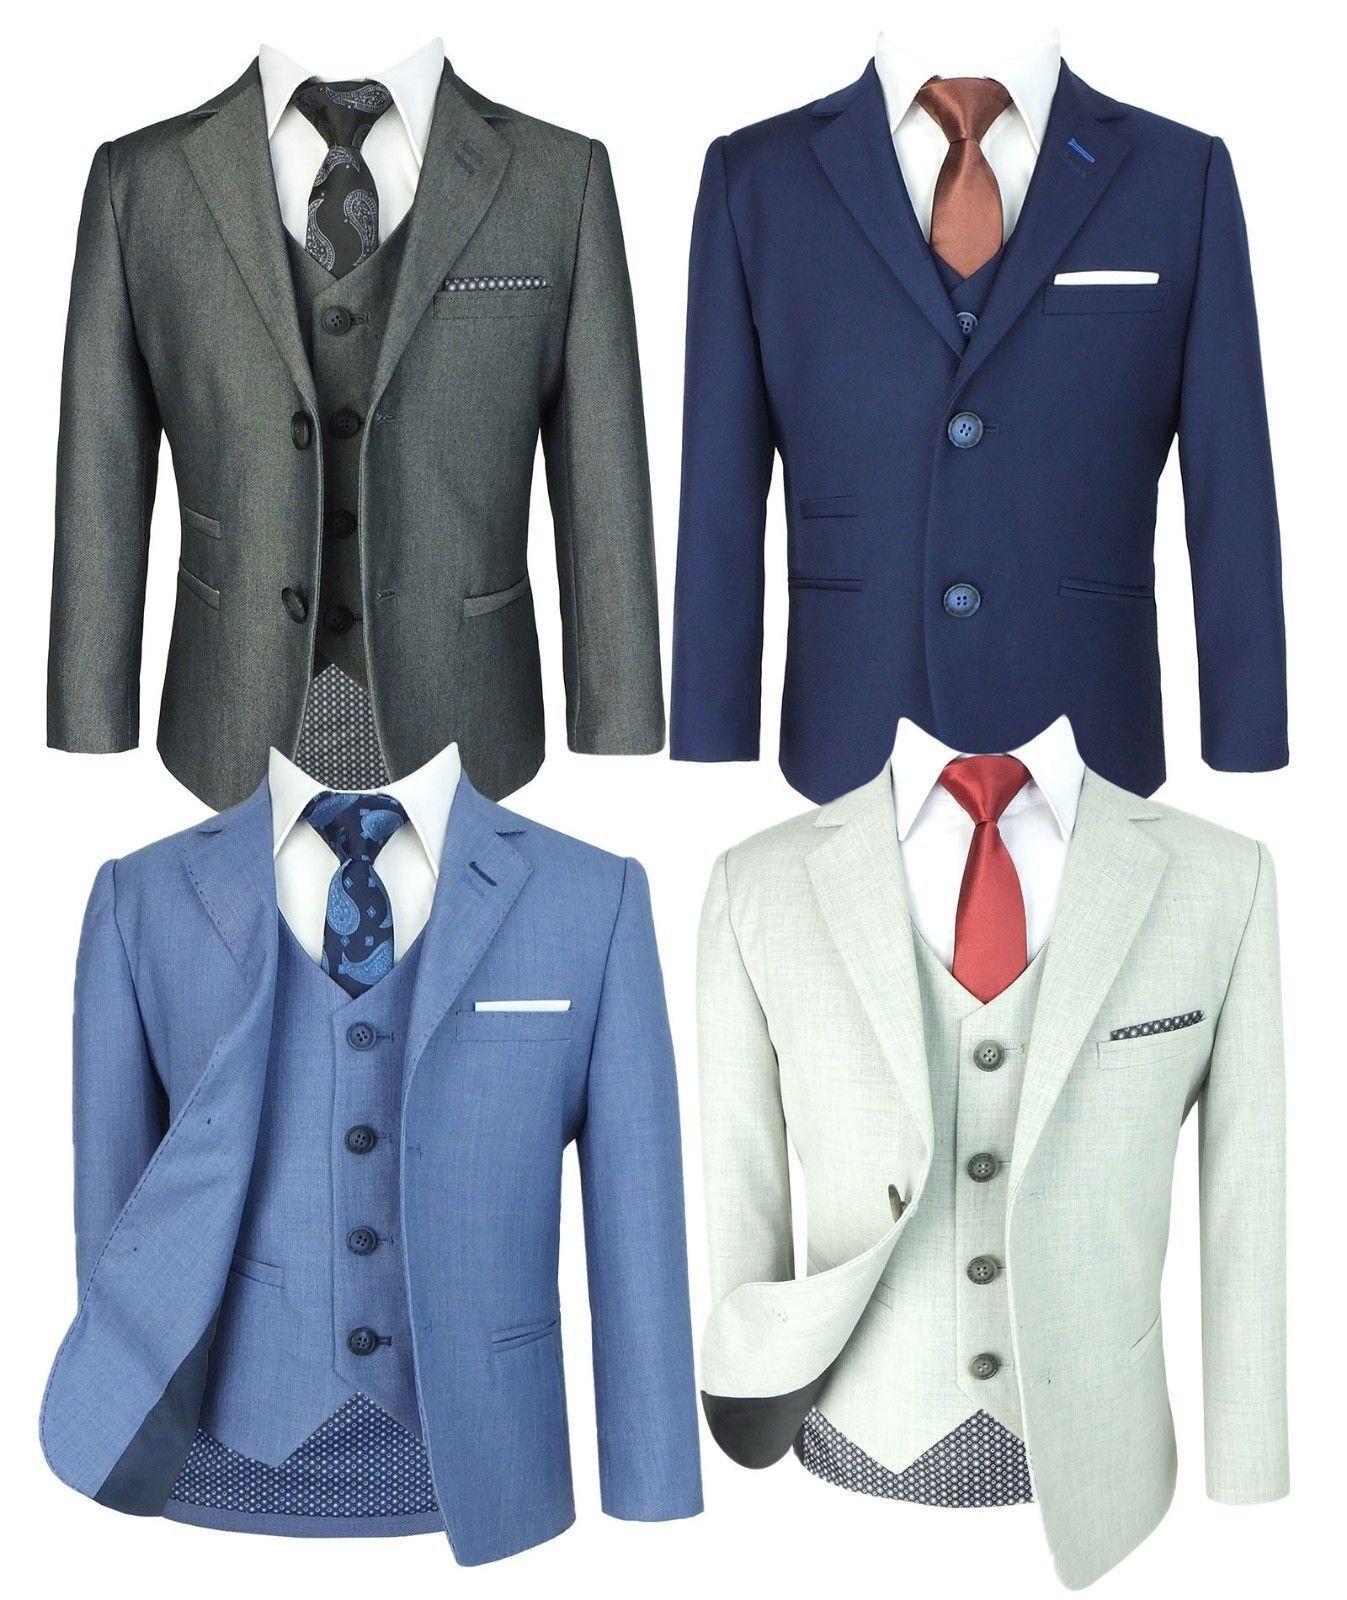 Designer Slim Fit Formeller Jungen Anzug, Hochzeit, Prom von 1 bis 15 Jahre